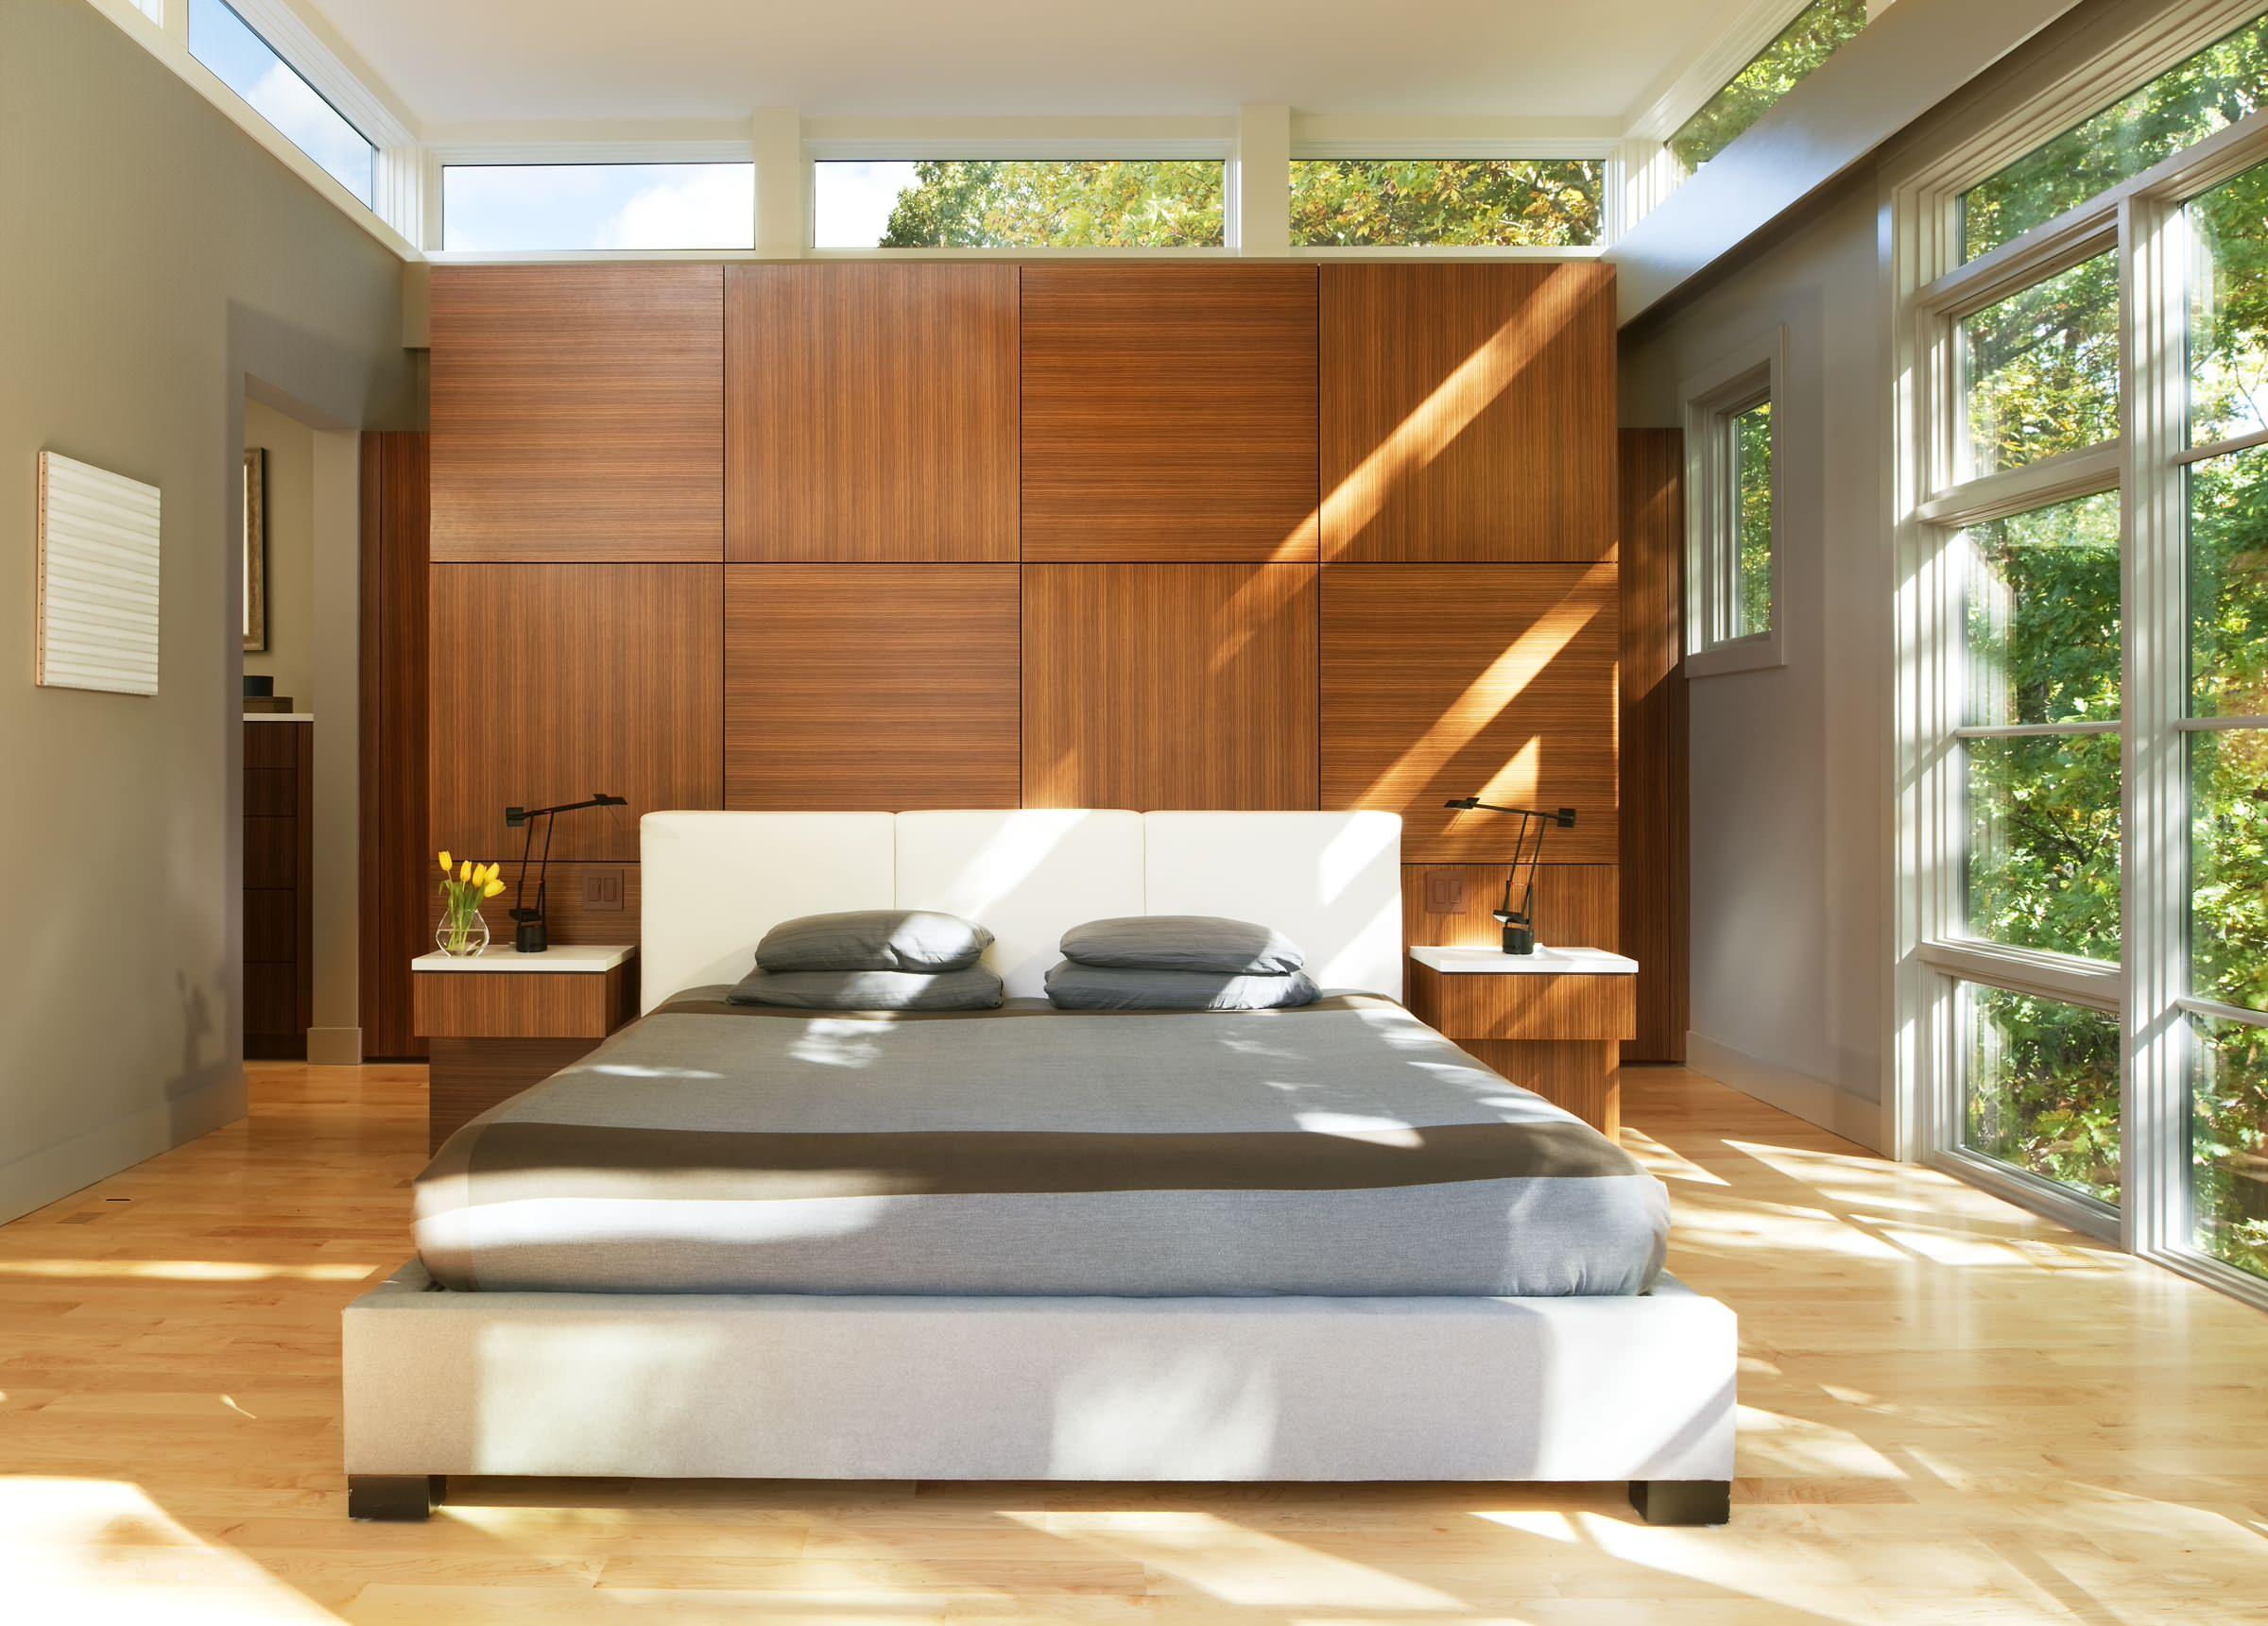 Thiết kế phòng ngủ đơn giản, tinh tế với tông màu ấm